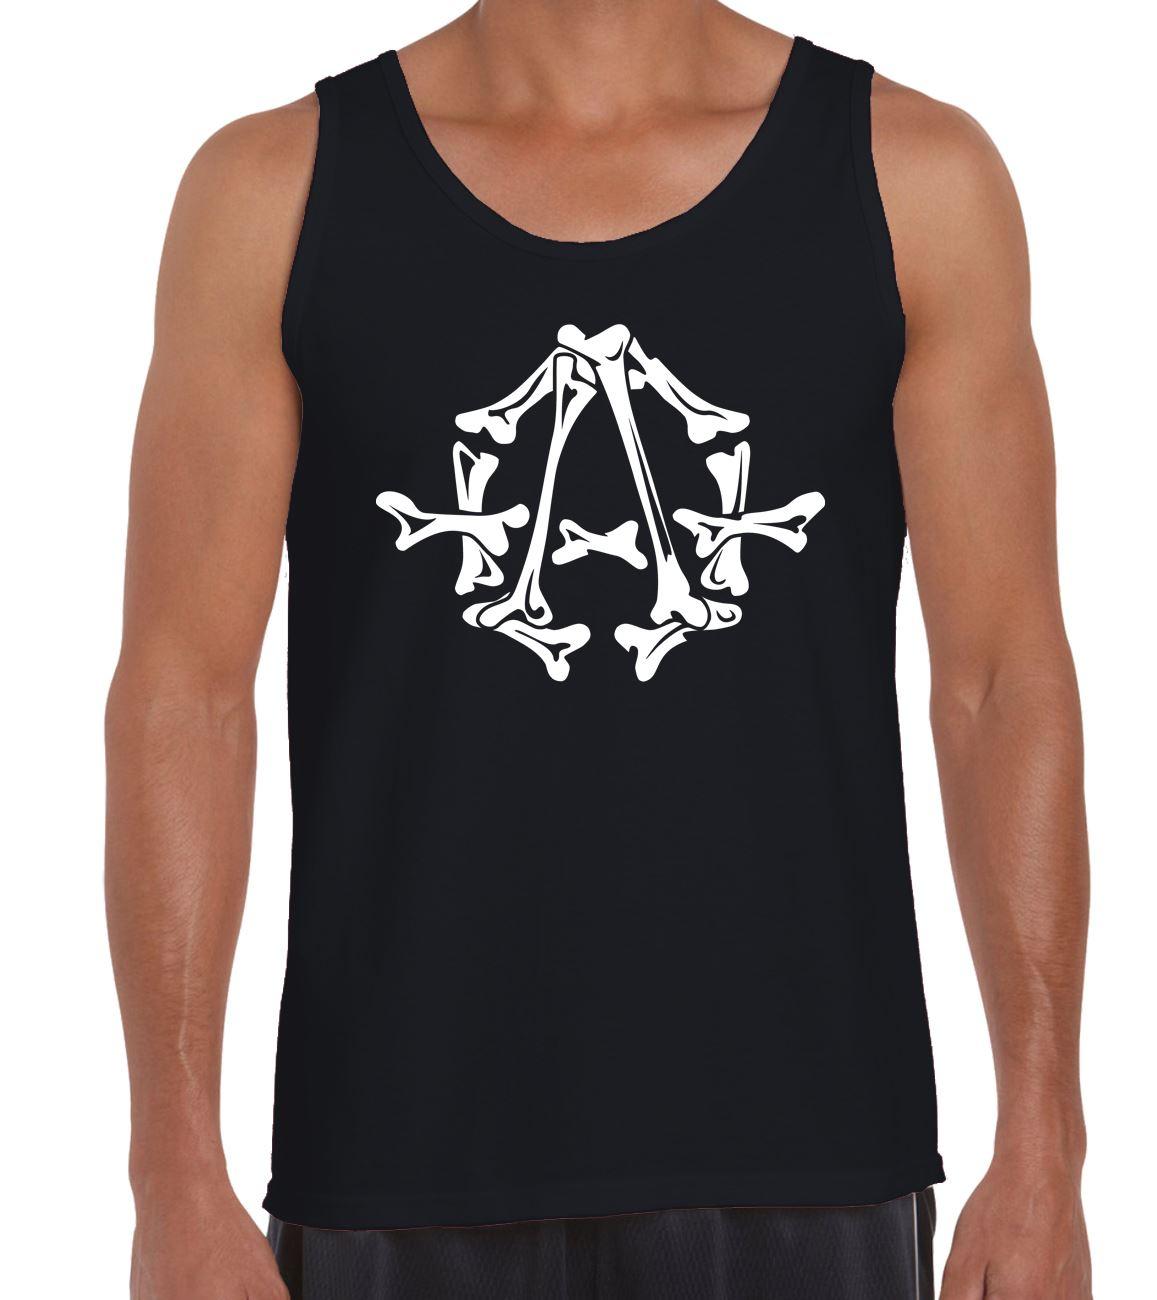 a93dae6017998 Anarchy Bones Symbol Men s Vest Tank Top - Anarchist Political Punk ...